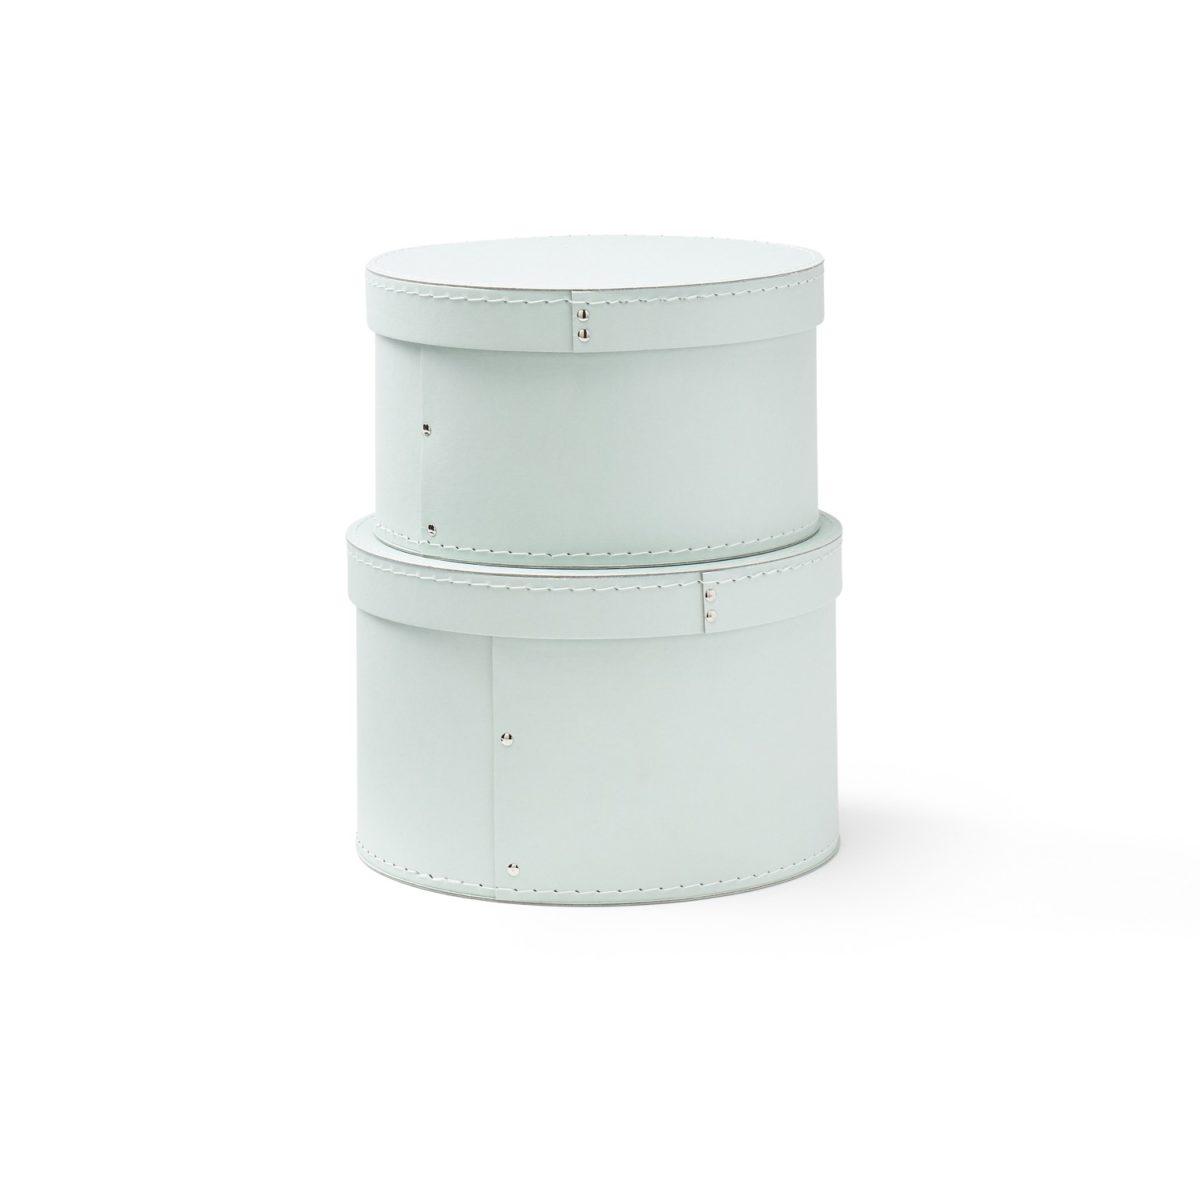 Pappboxen rund 2er-Set Ø23/25 cm hellgün